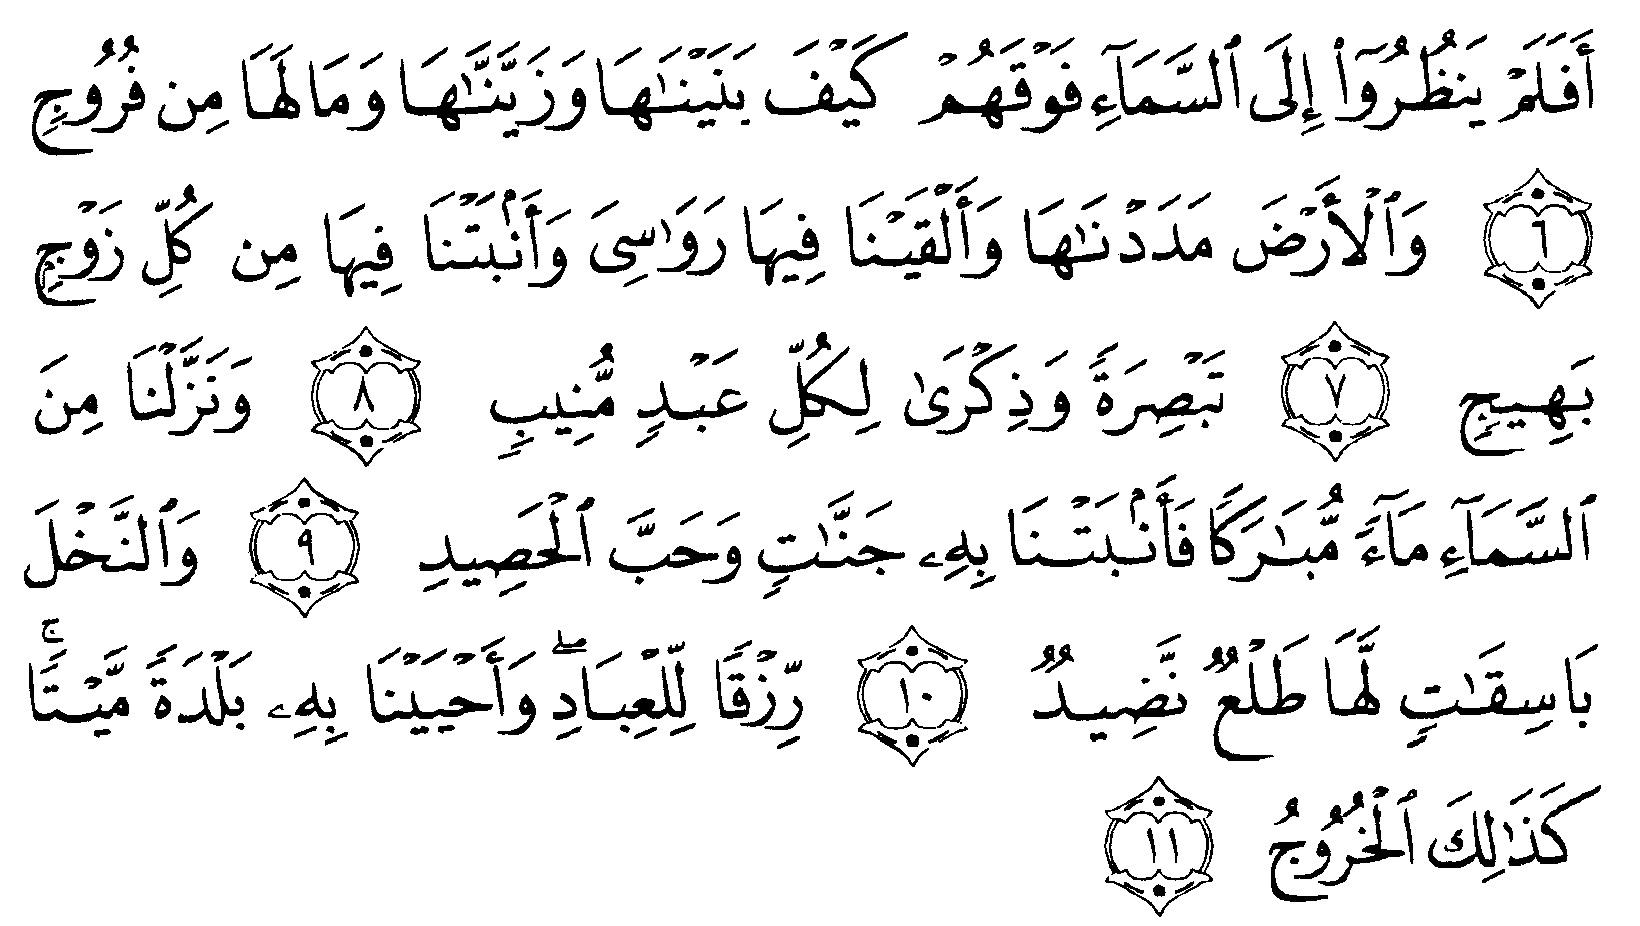 Tafsir Al Quran Surah Qaaf 2 Alquranmulia